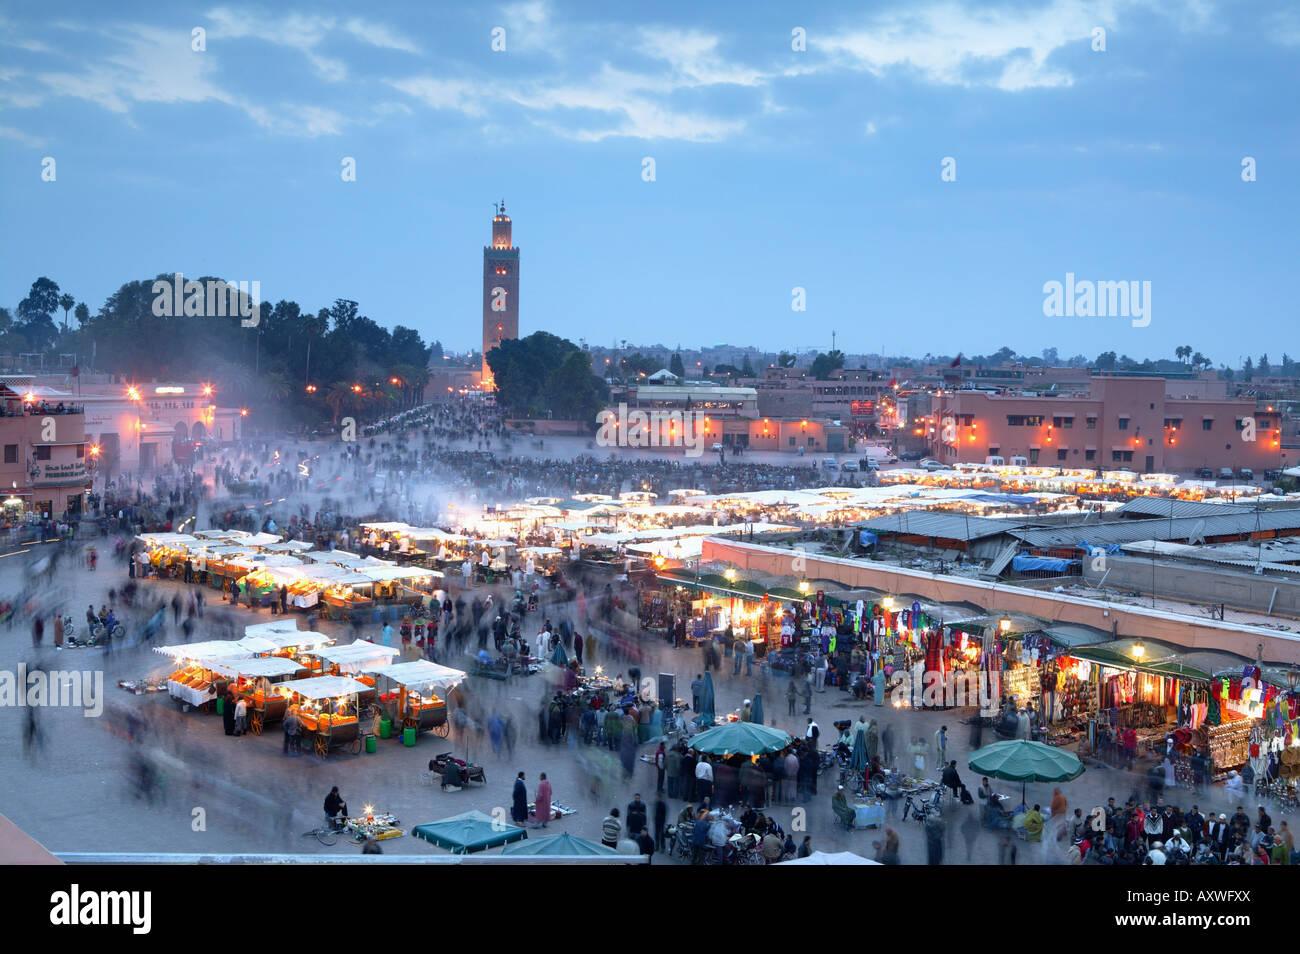 Piazza Djemma el Fna e la Moschea di Koutoubia al crepuscolo, Marrakech, Marocco, Africa Settentrionale, Africa Immagini Stock